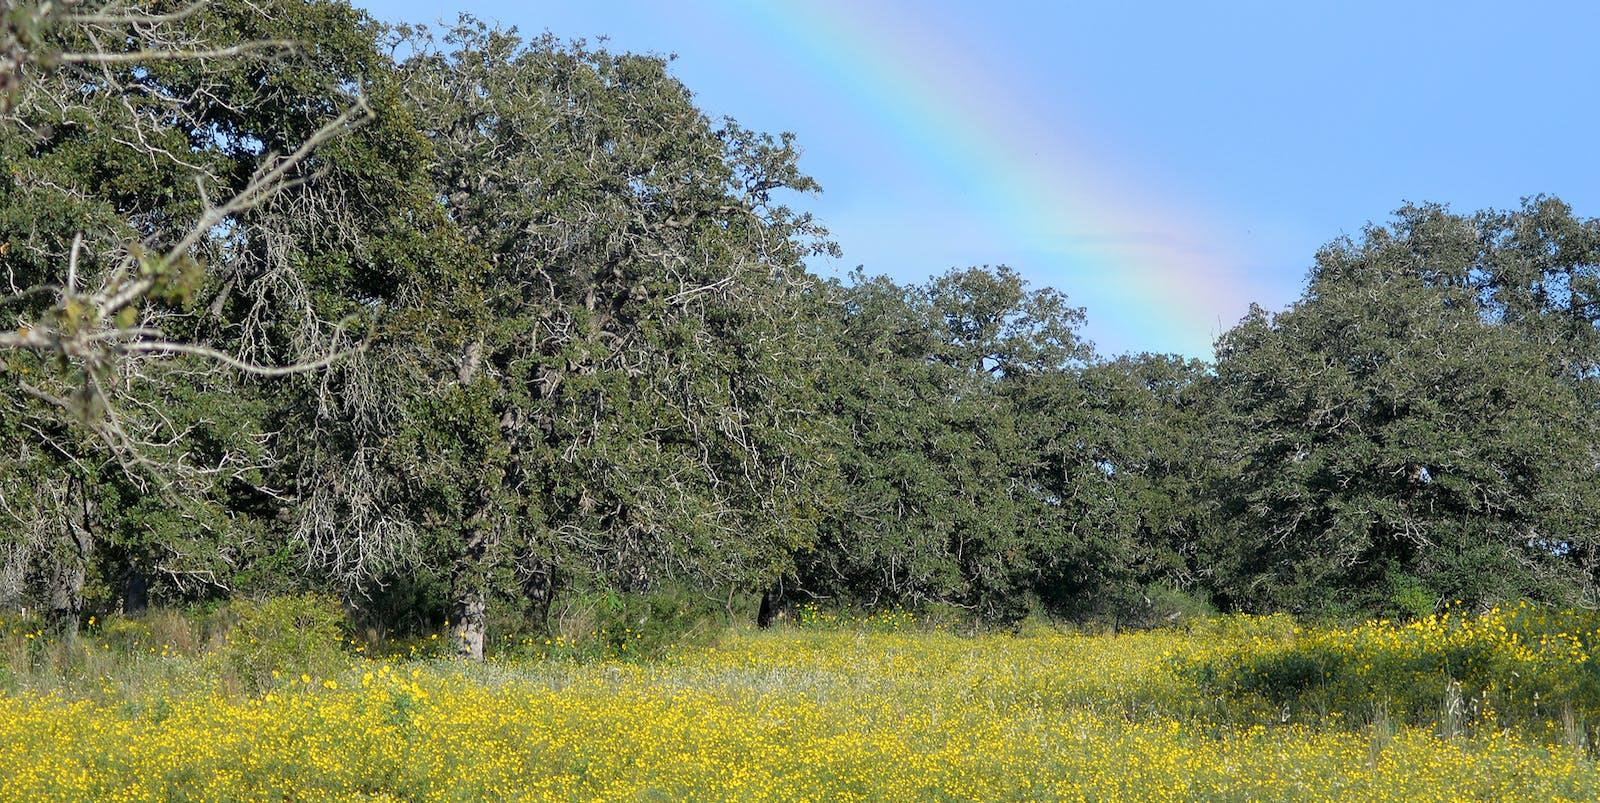 East Central Texas Savanna-Woodland